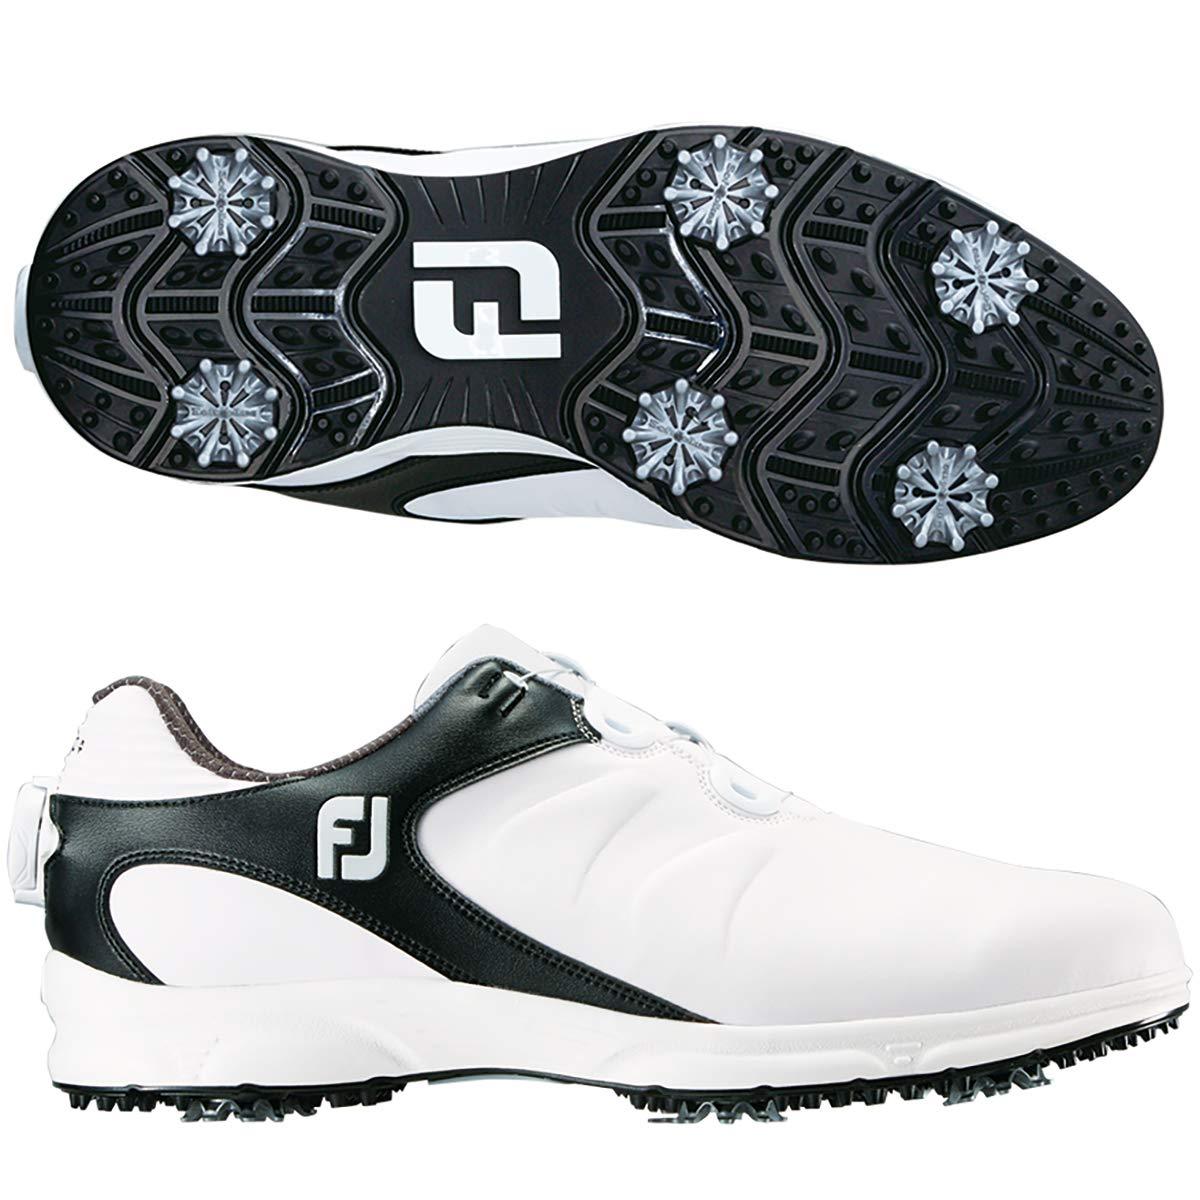 フットジョイ Foot Joy シューズ ARC XT Boaシューズ ホワイト/ブラック 26.5cm   B07PMMDJS2